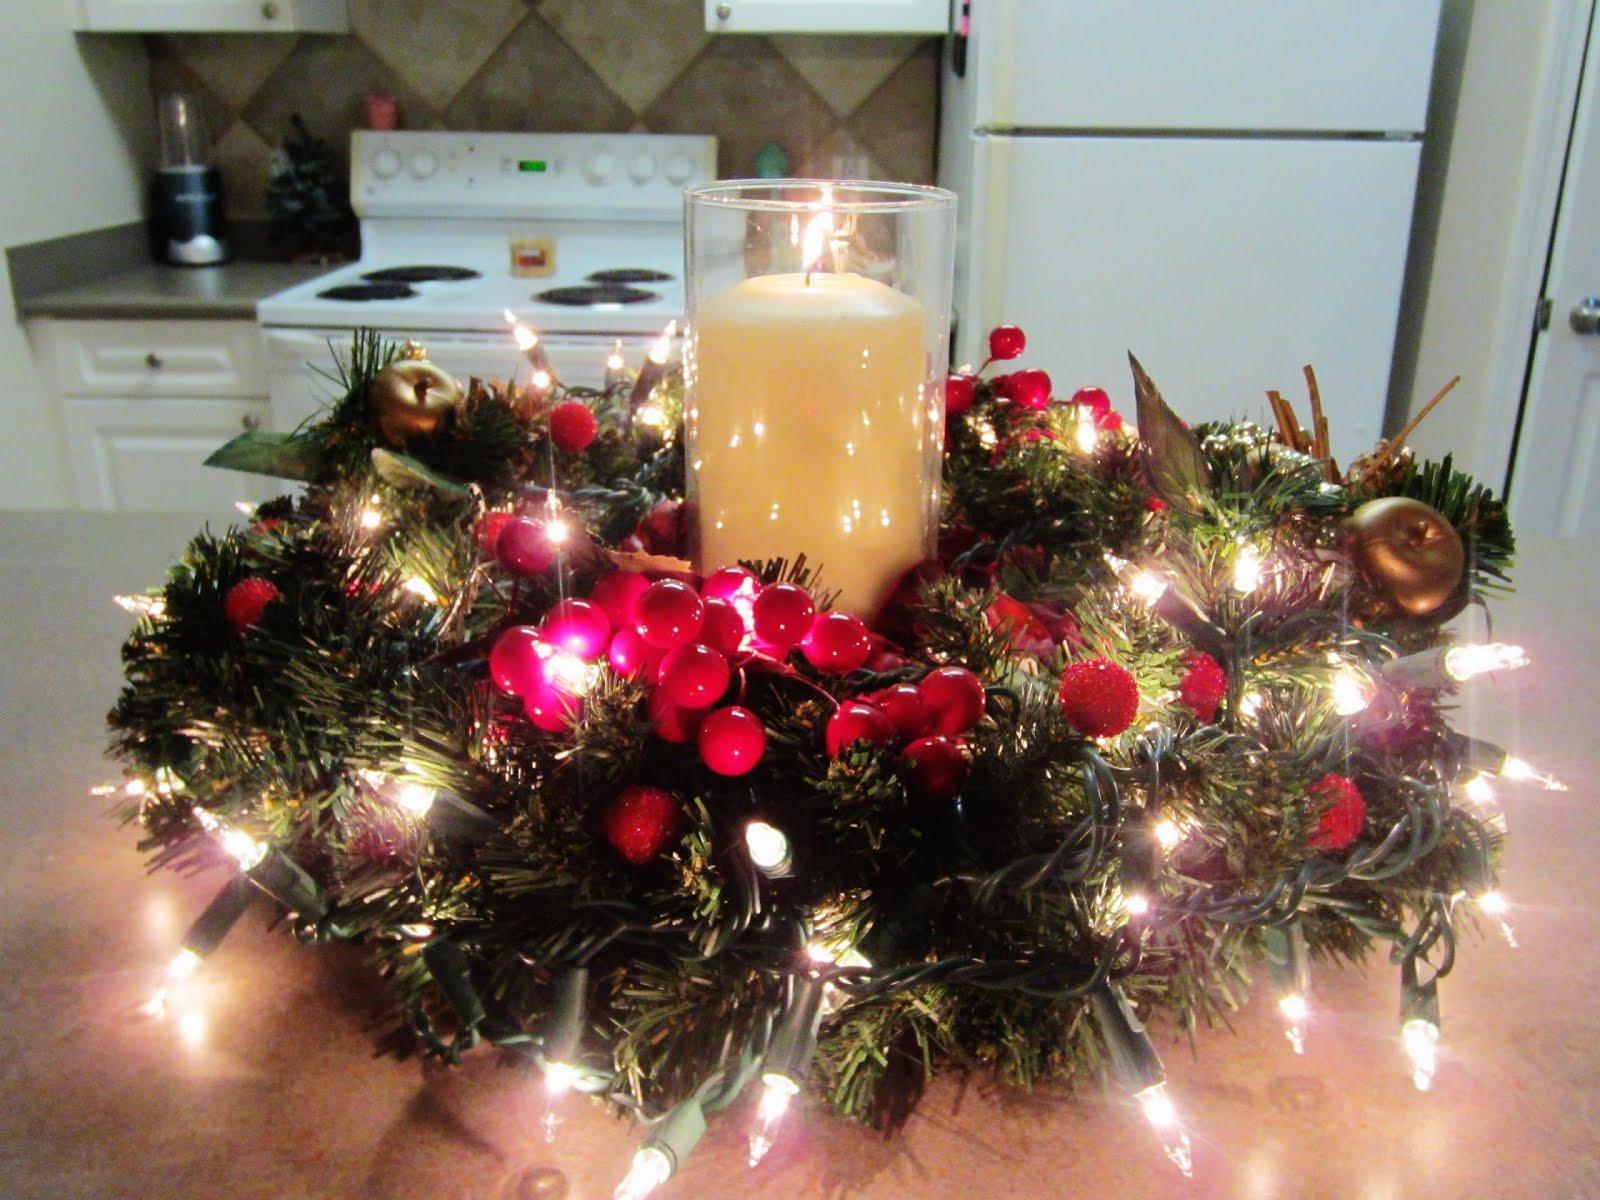 Centros de mesa navide os - Centro de mesa navideno ...